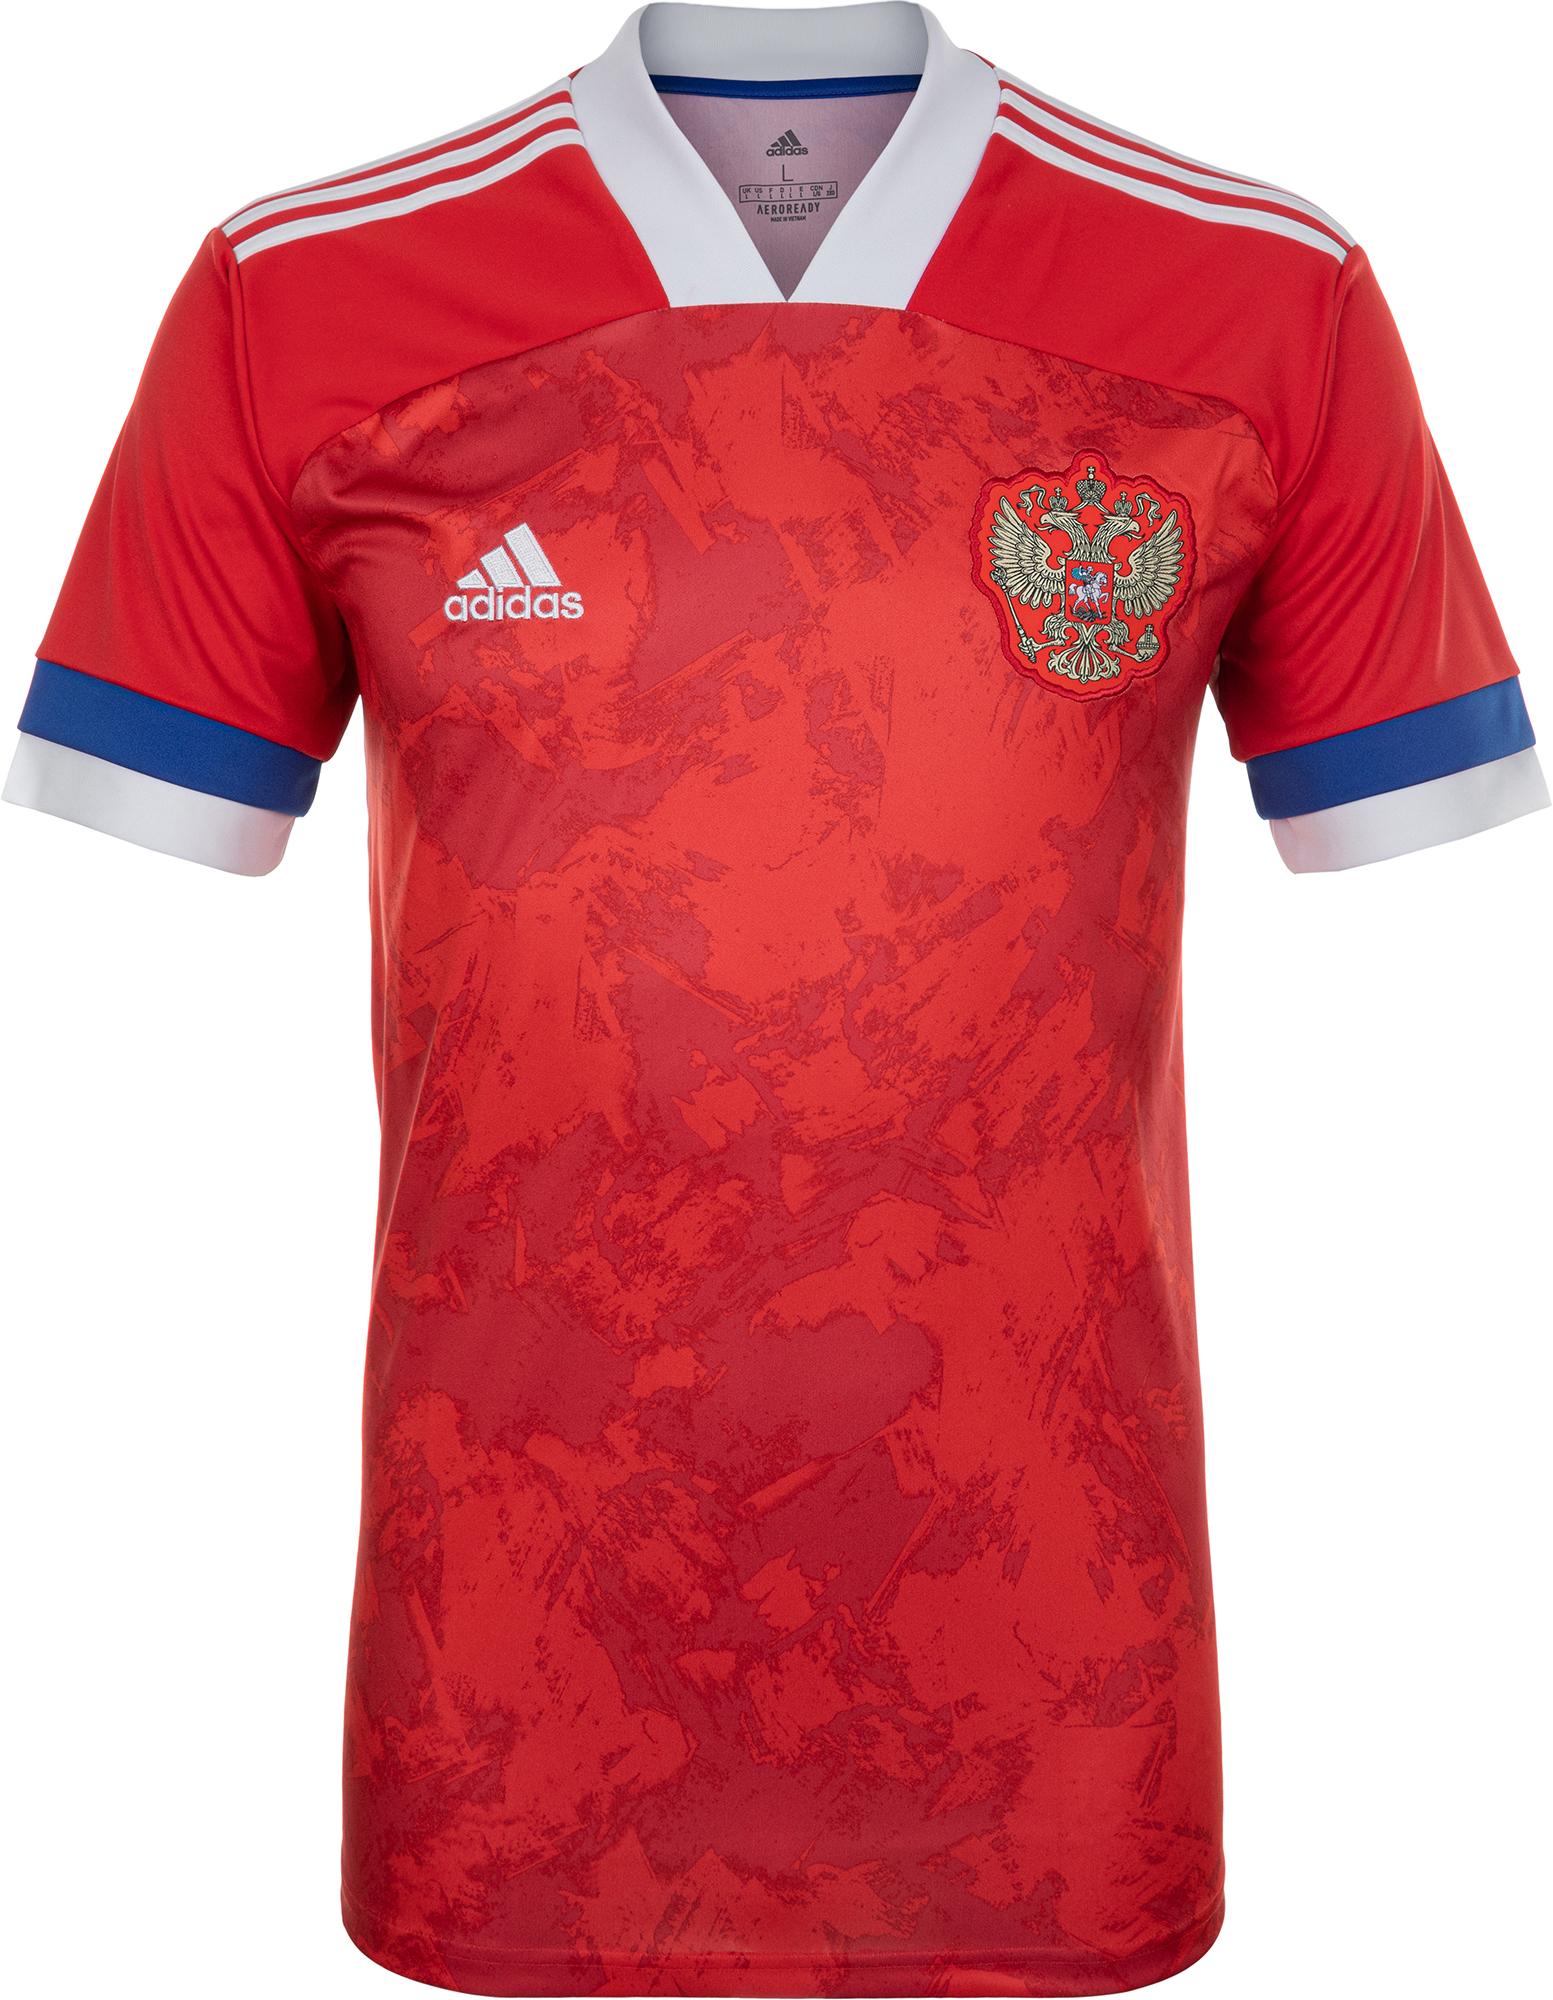 Adidas Домашняя форма сборной России мужская, Adidas, размер 58 цена